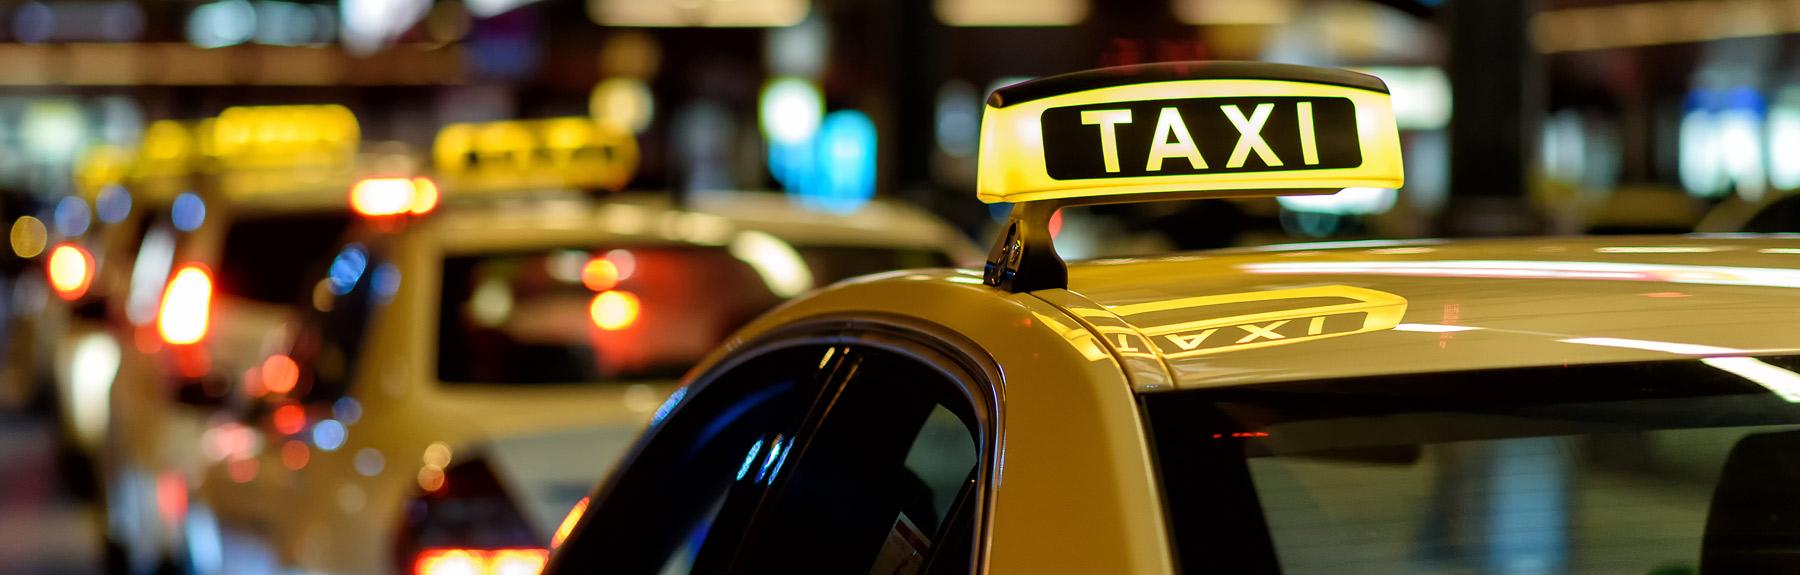 Taxi/Chauffeur Permits